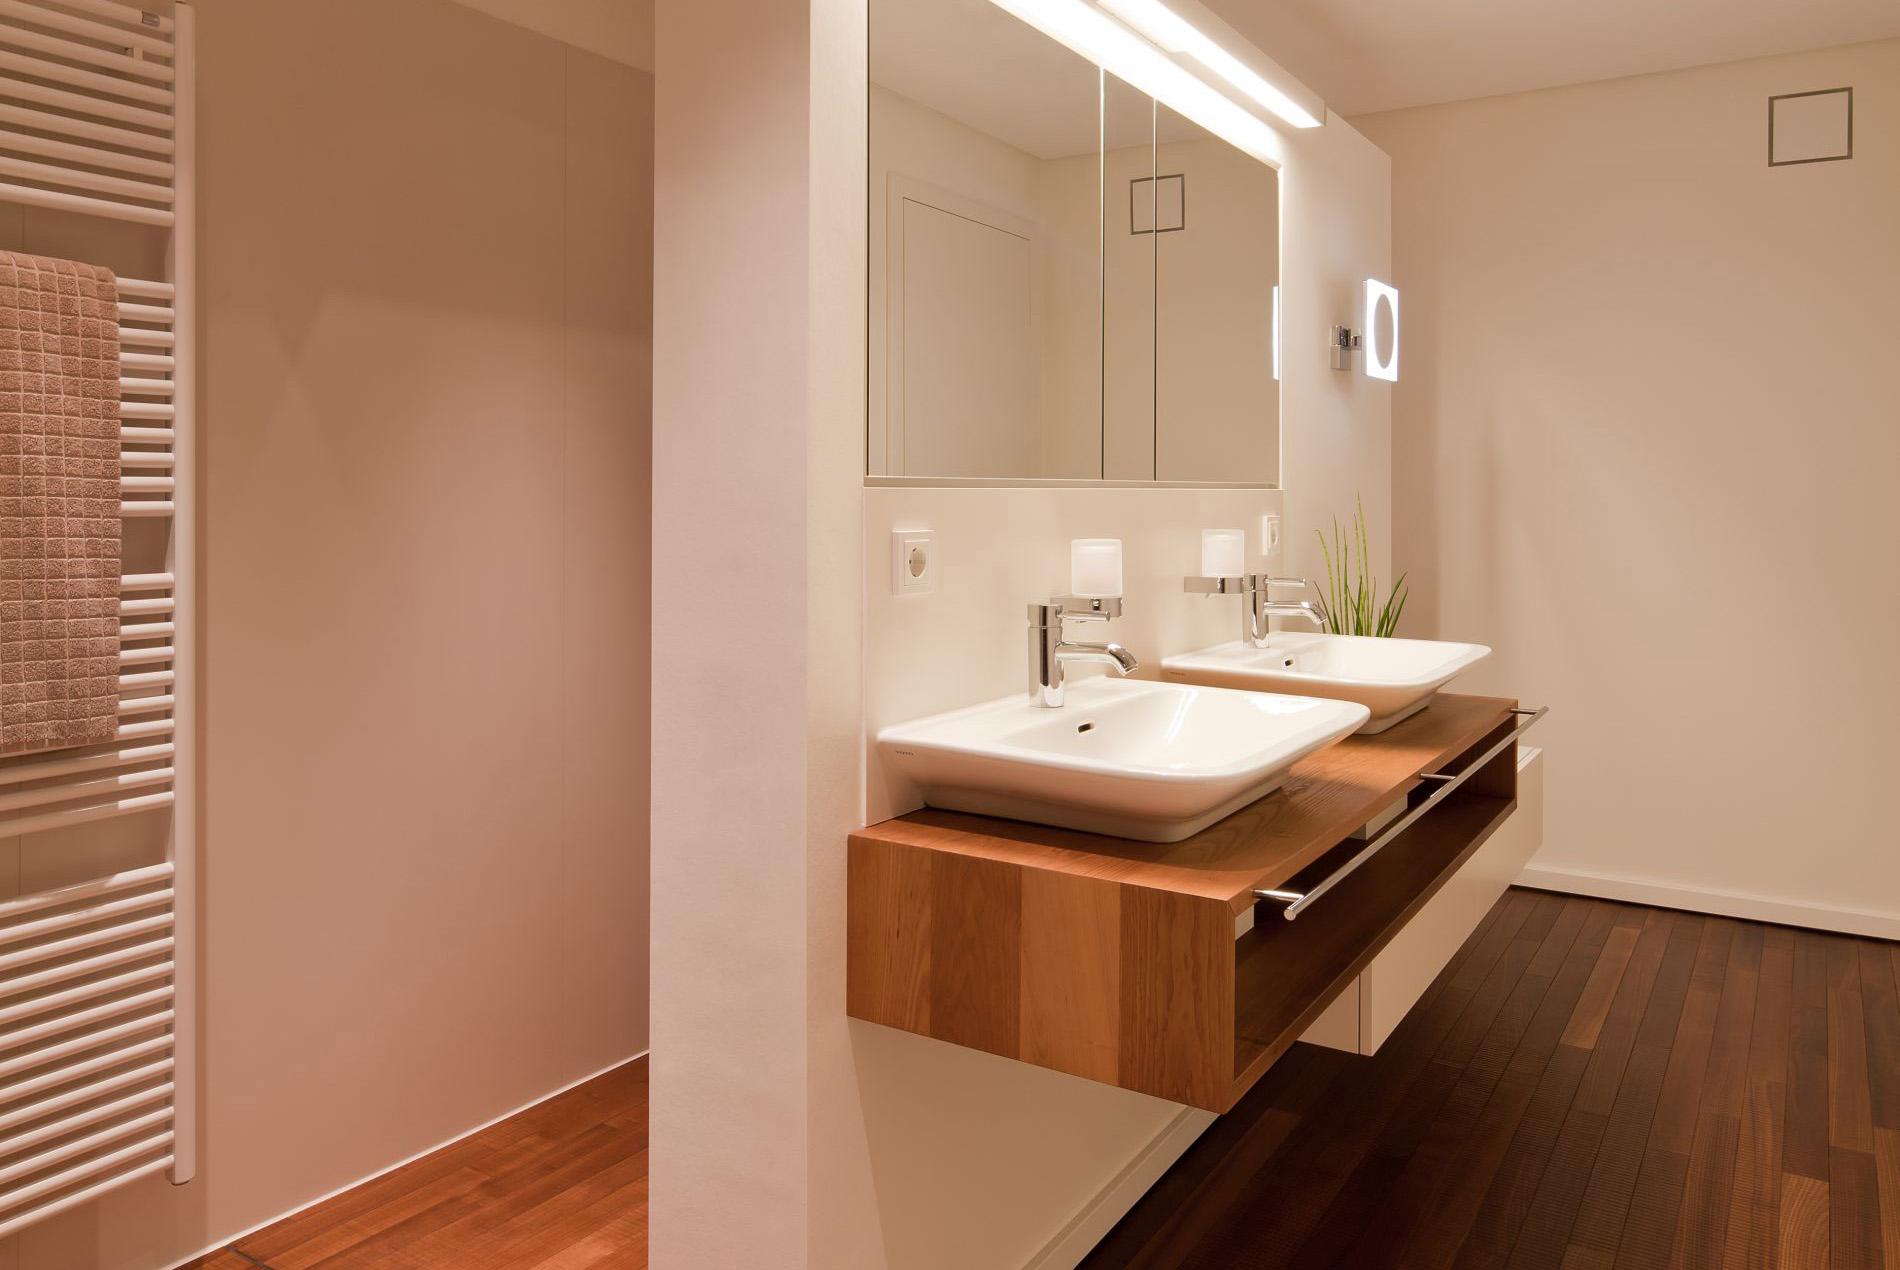 Holzboden im Badezimmer - Bad ensuite - Tischlerei Schöpker